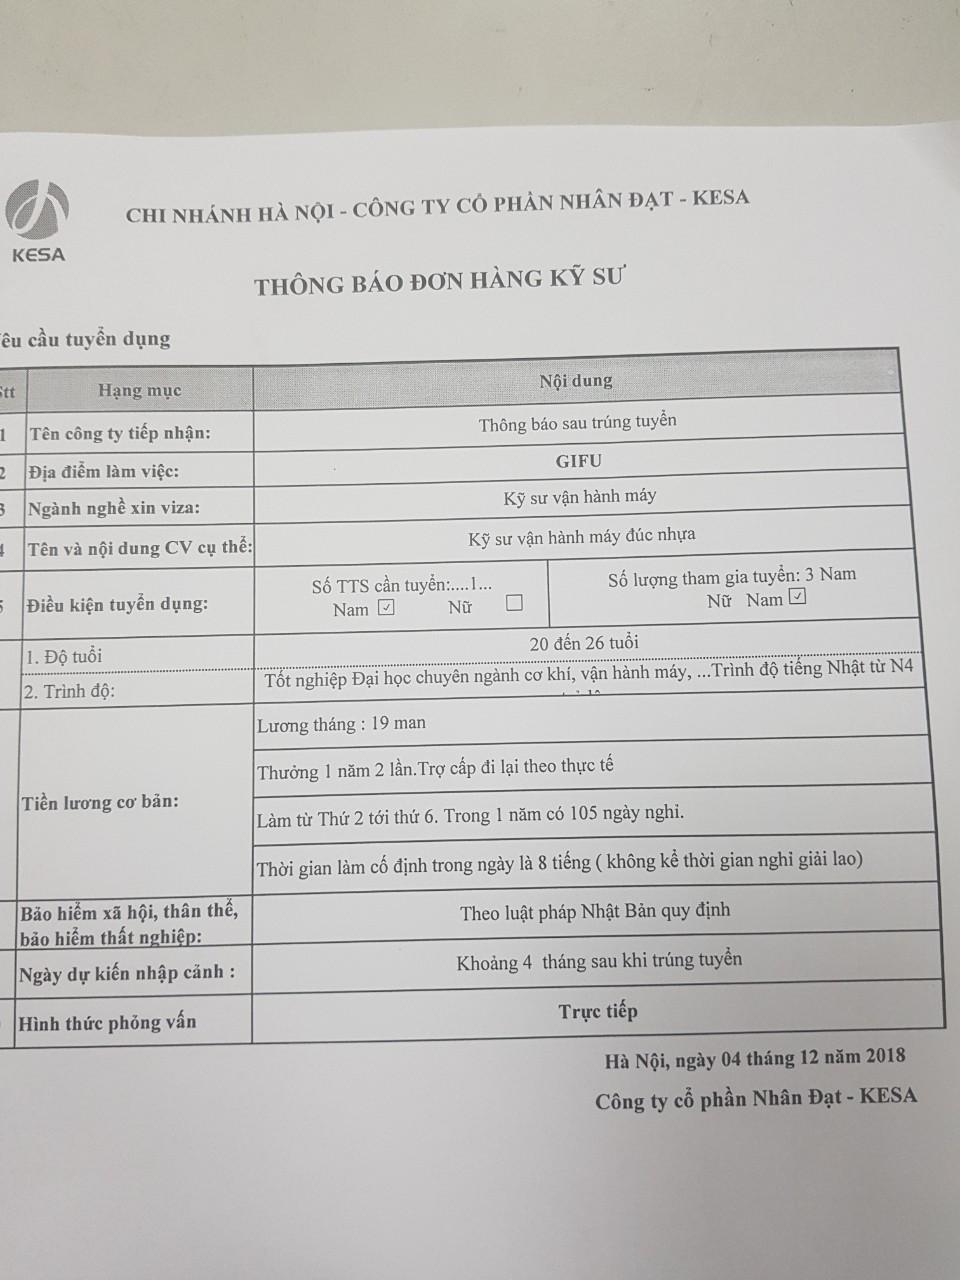 hình ảnh chi tiết đơn hàng